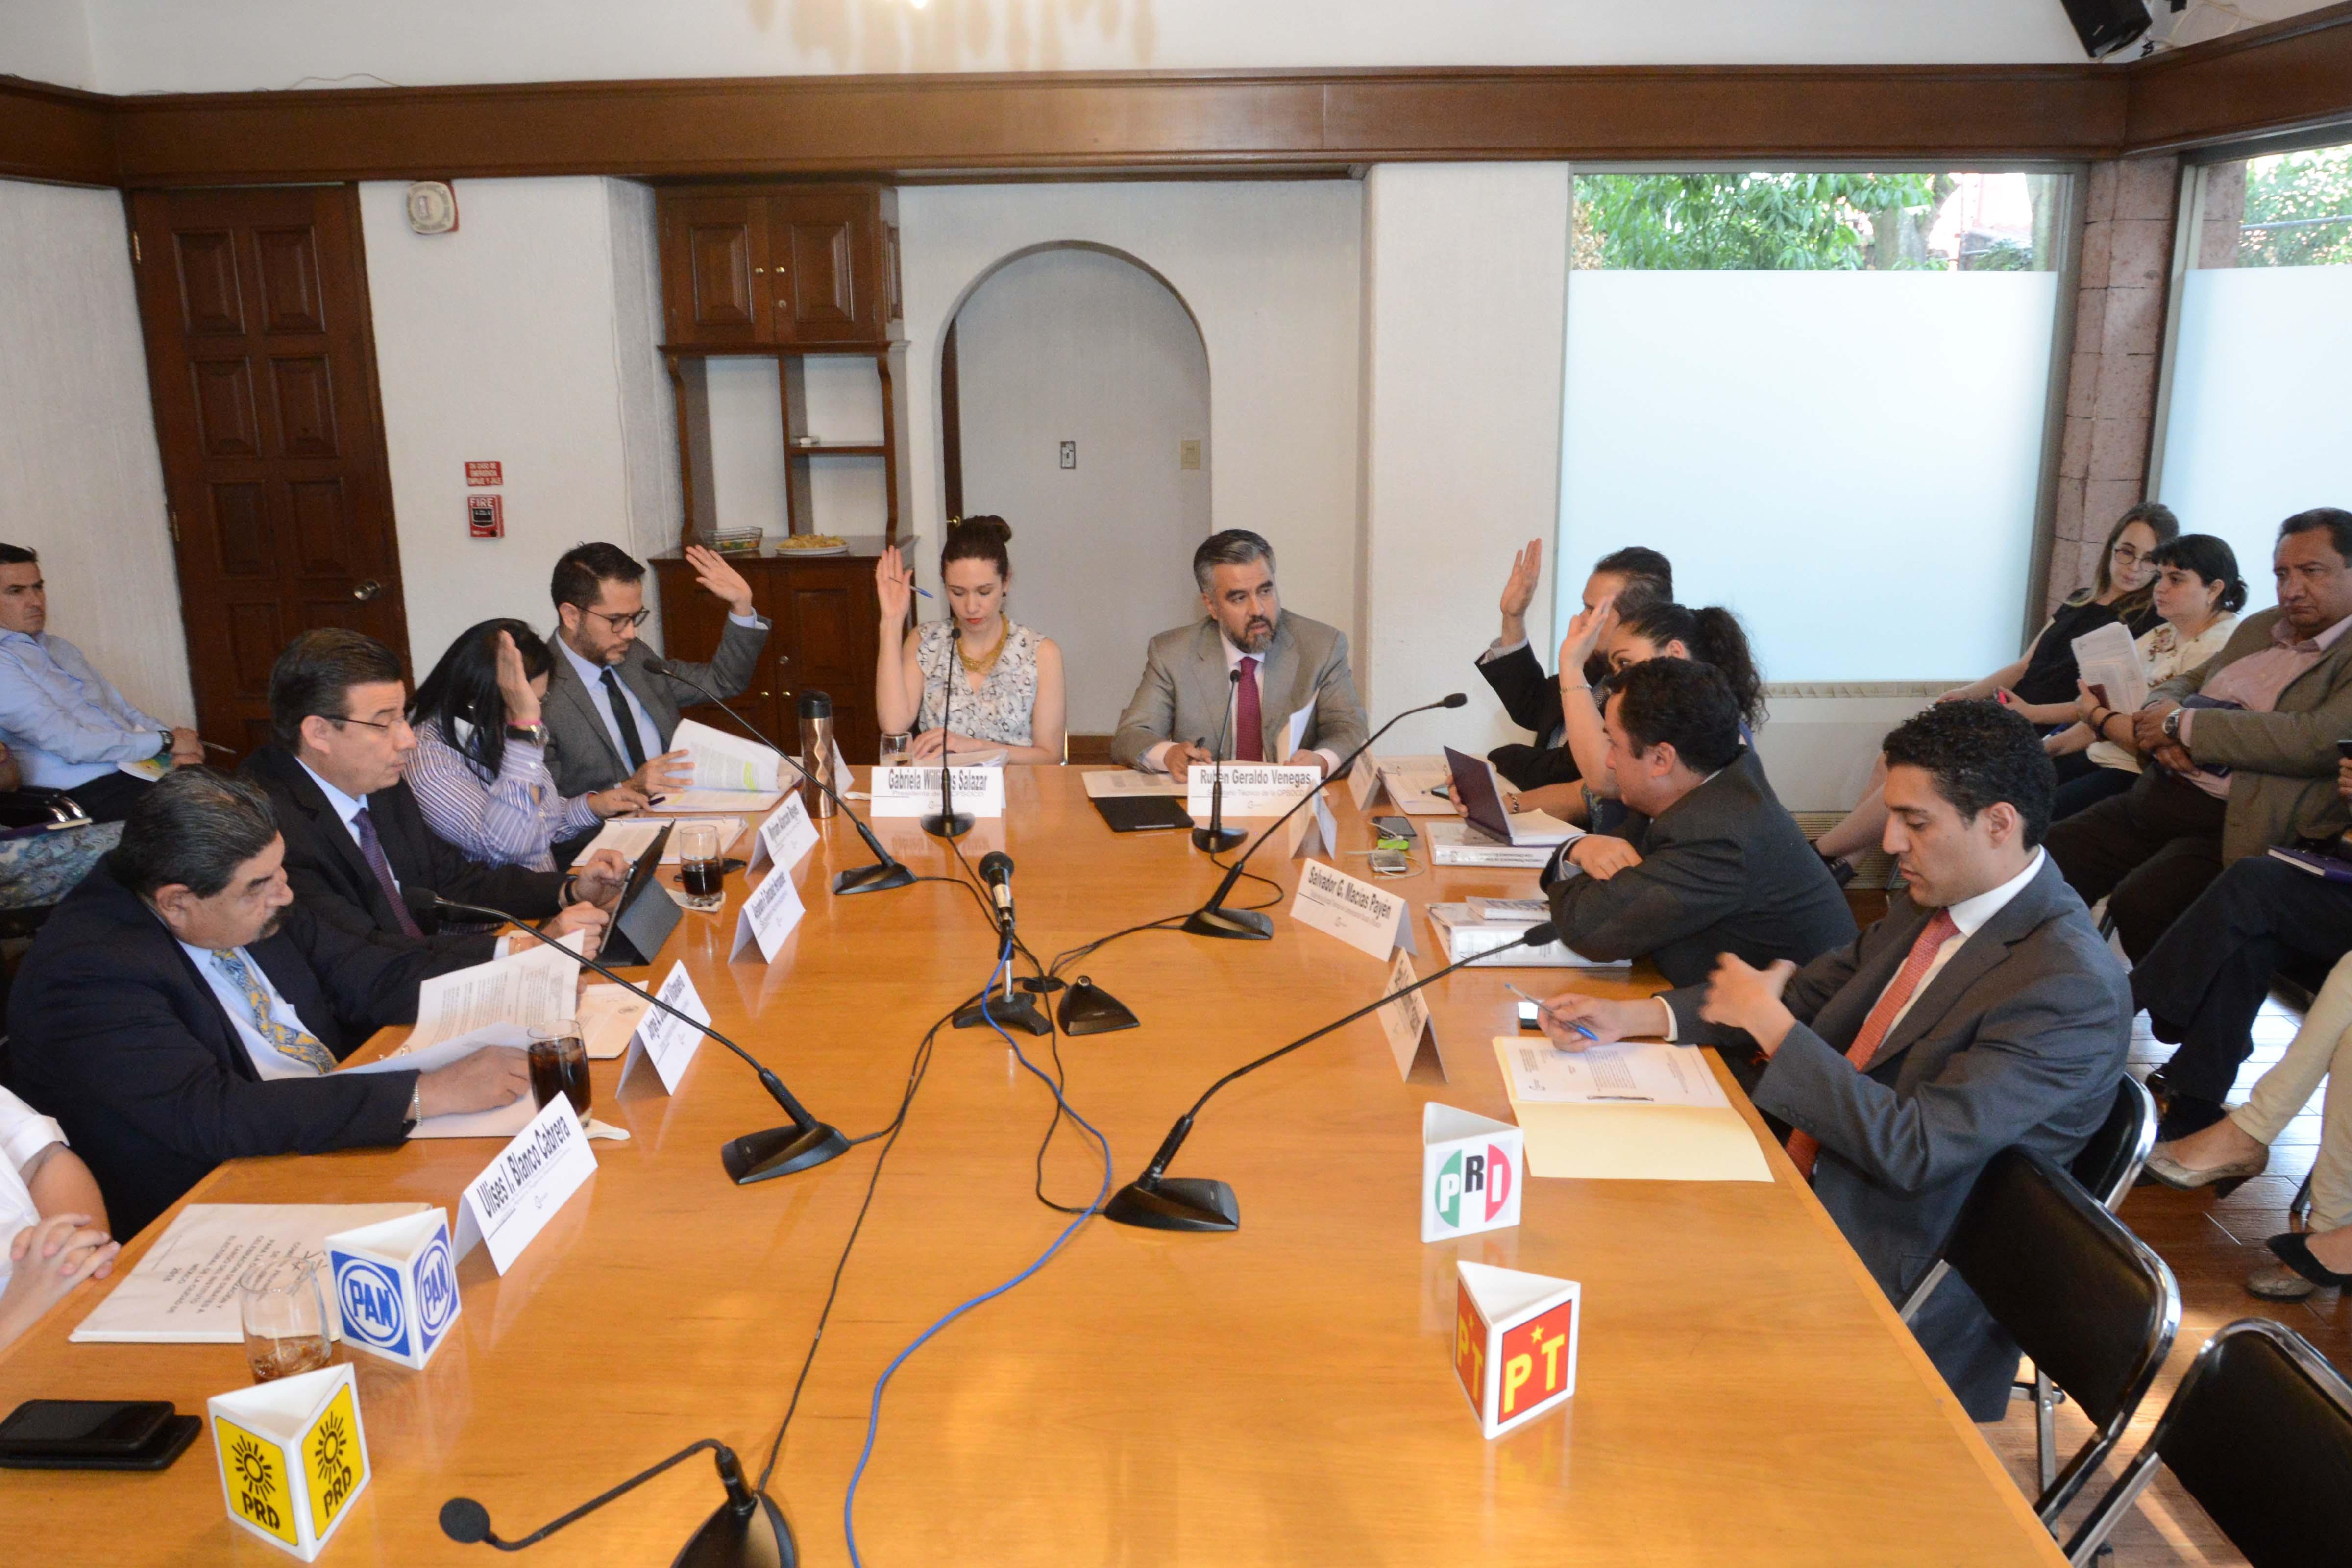 Aprueba IECM fechas para debates adicionales para Alcaldía de Miguel Hidalgo